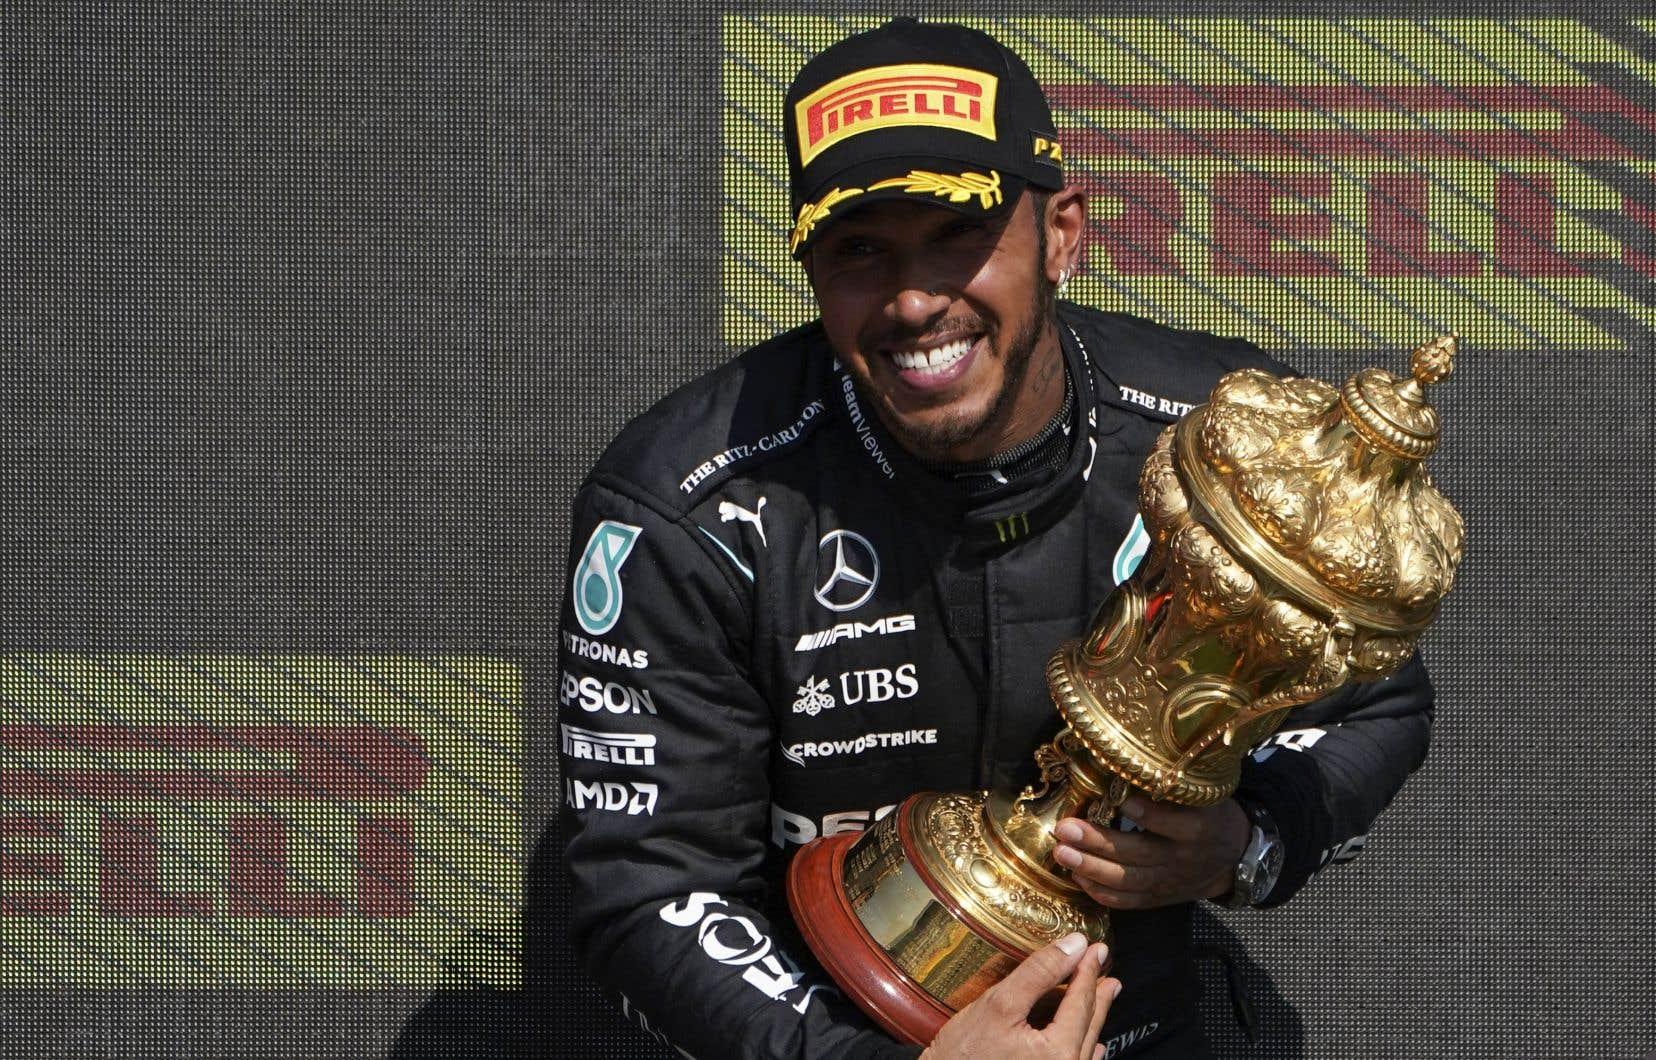 Septuple champion du monde, Hamilton a gagné sur la piste de Silverstone pour mettre fin à une séquence de cinq épreuves sans victoire.